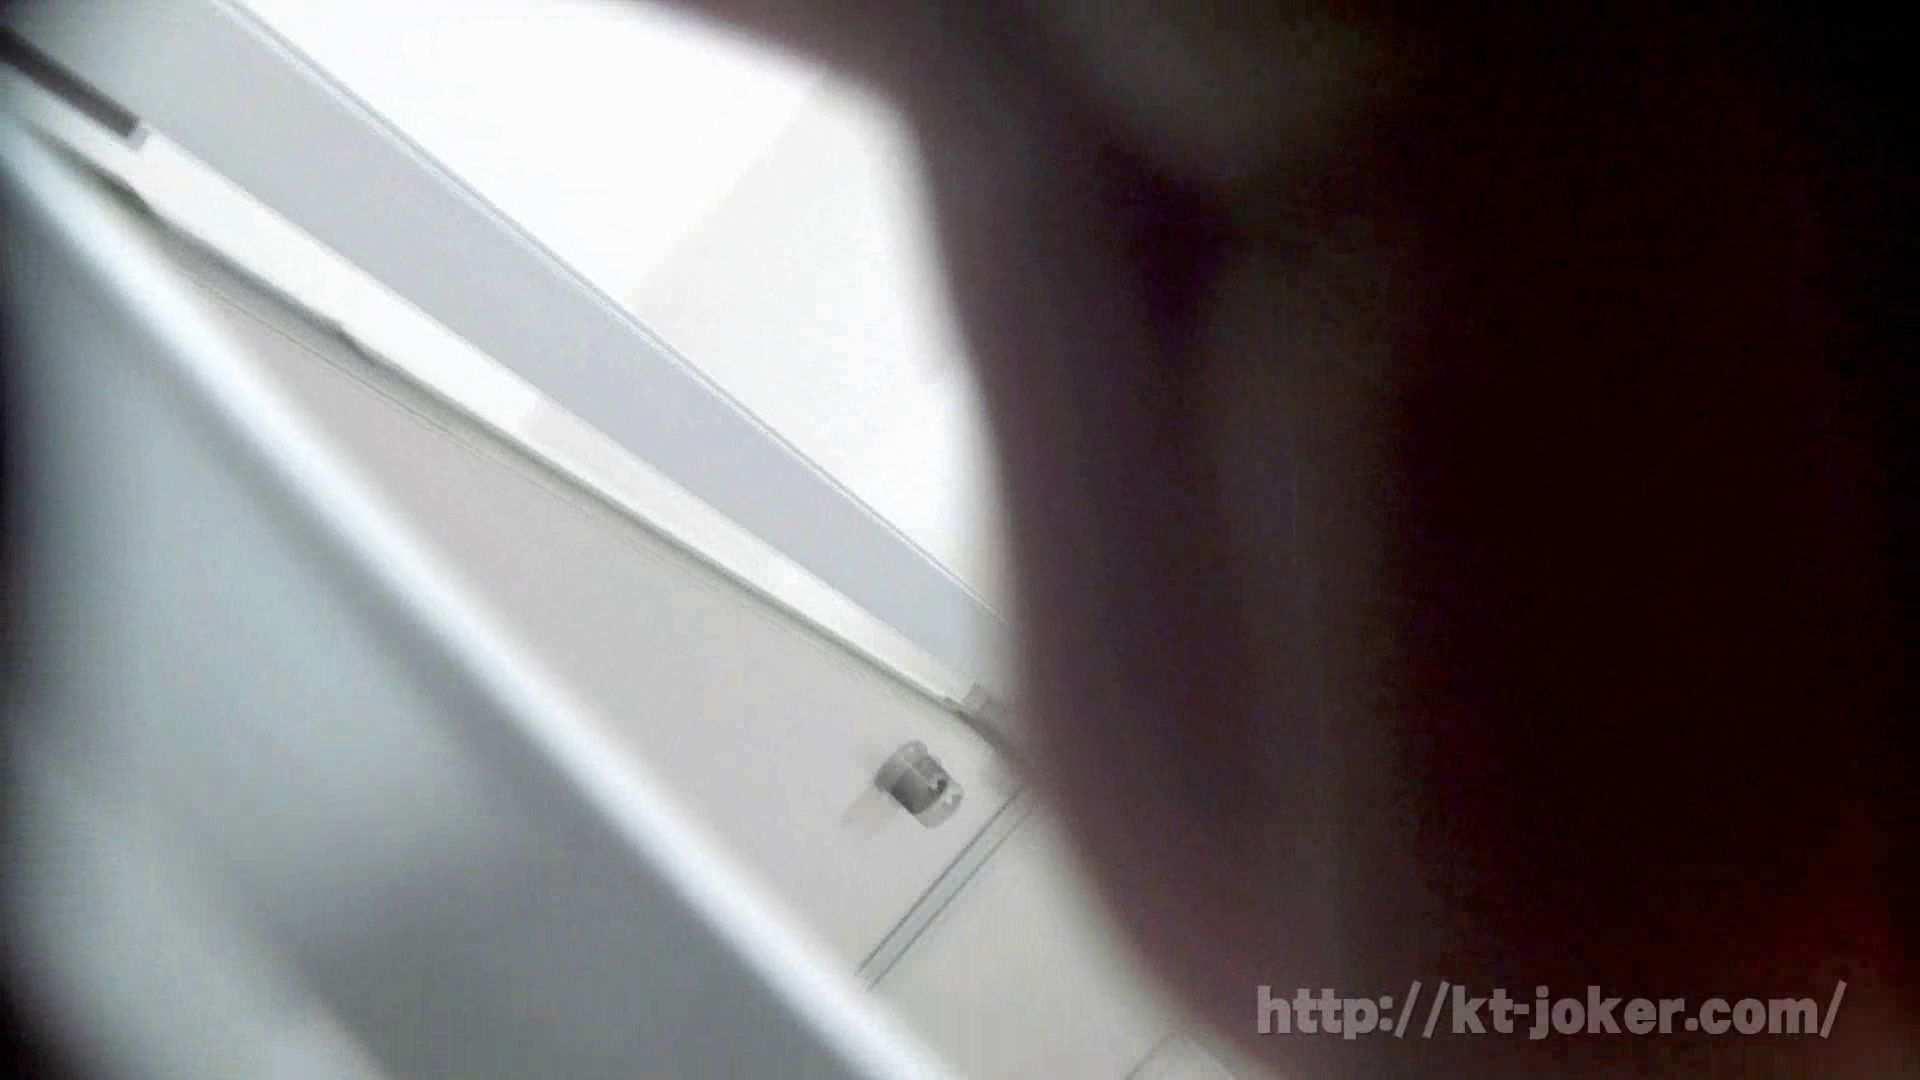 命がけ潜伏洗面所! vol.68 レベルアップ!! 0 | 0  28画像 11